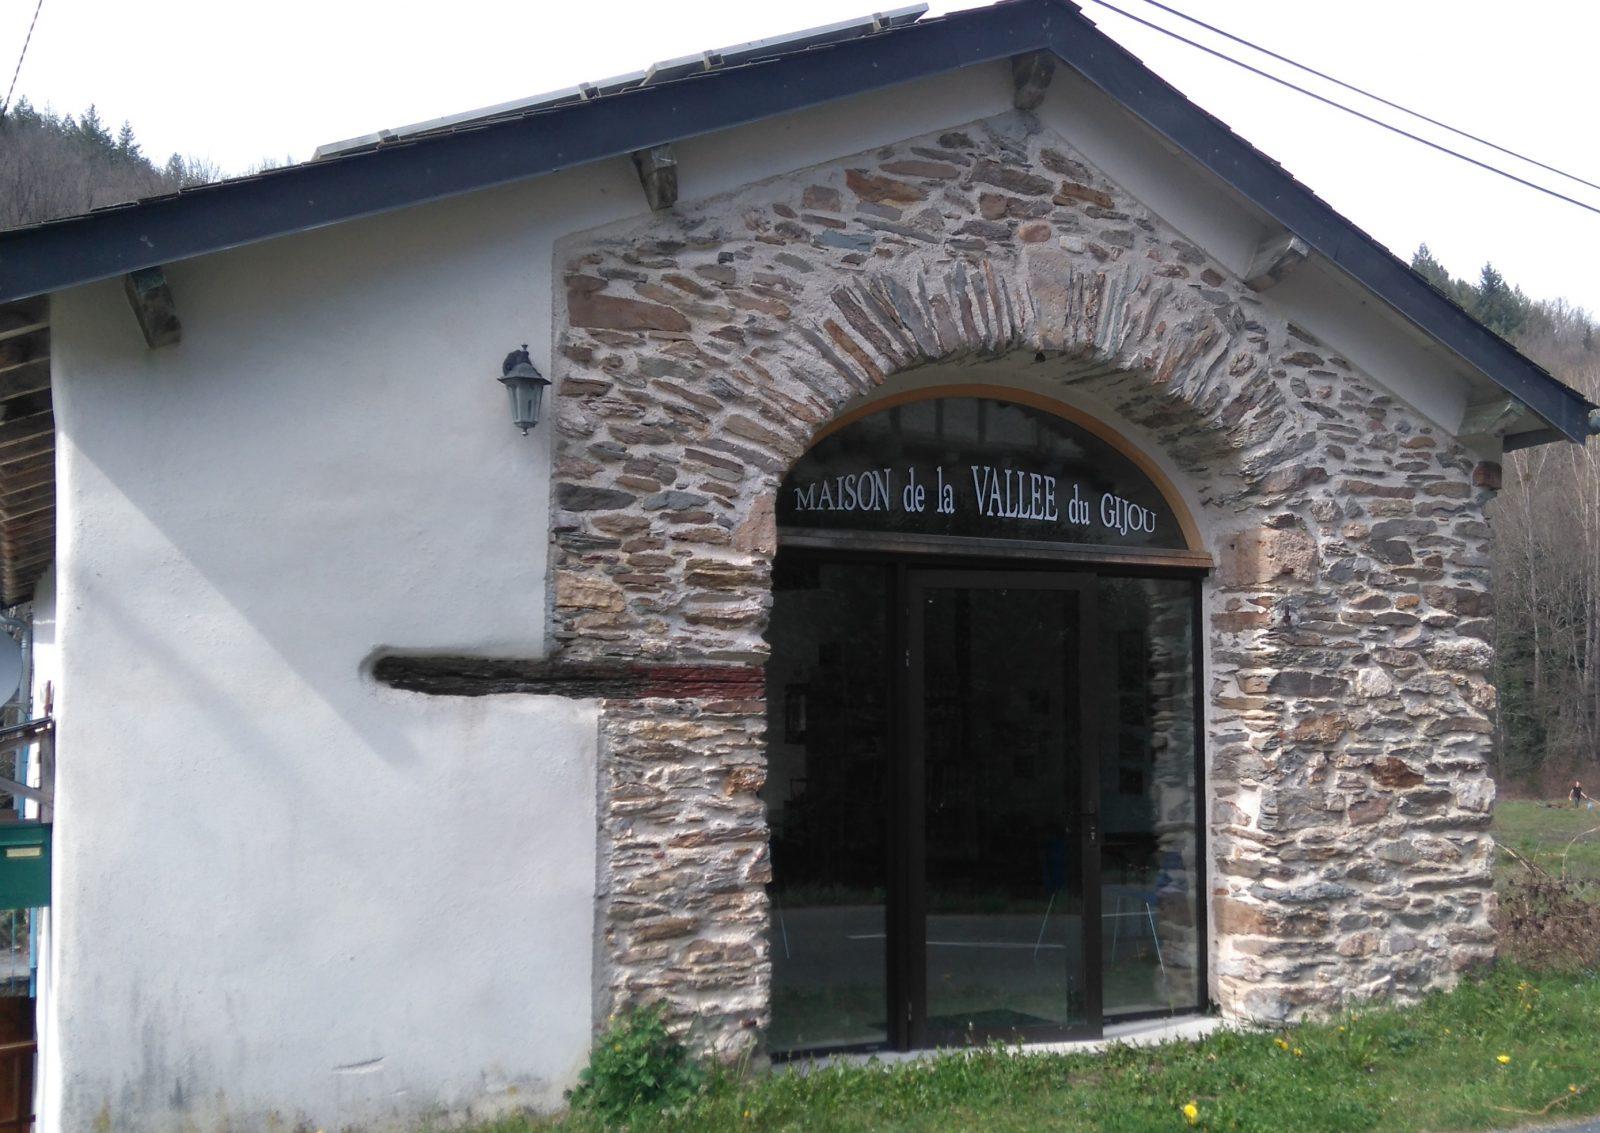 Maison de la Vallée du Gijou